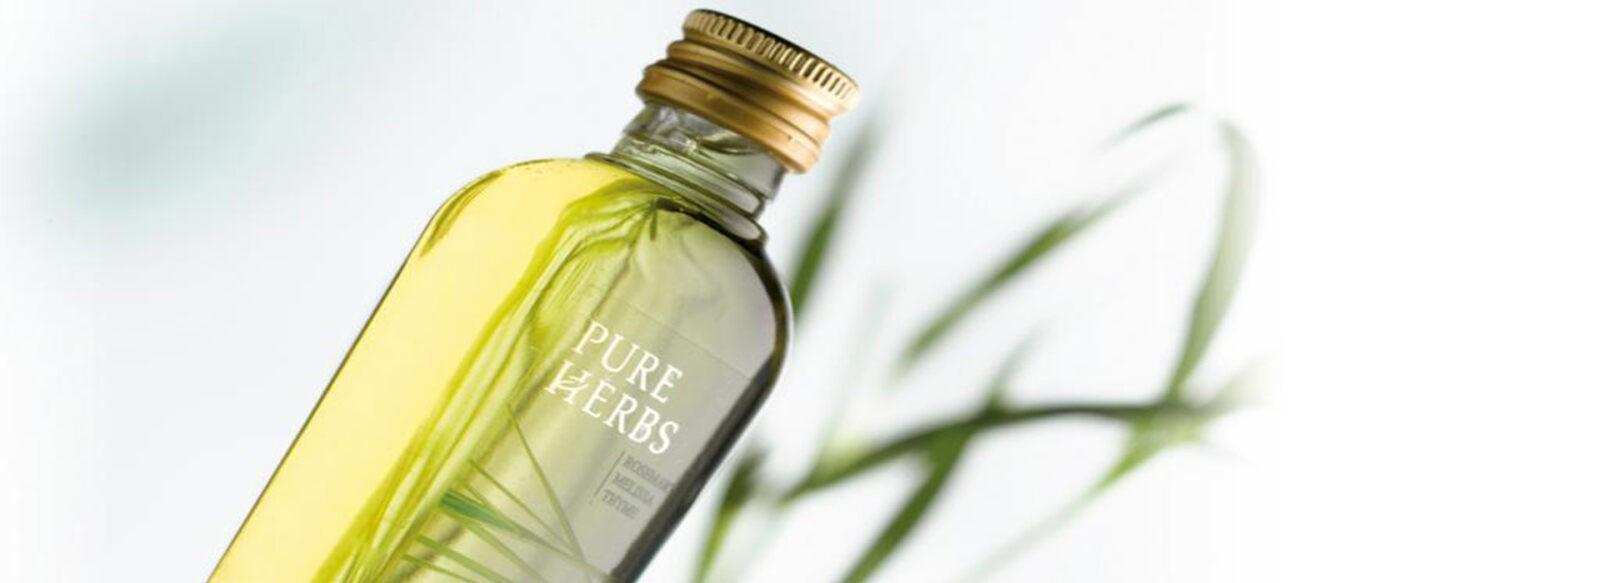 Косметика для гостиниц и отелей Pure Herbs